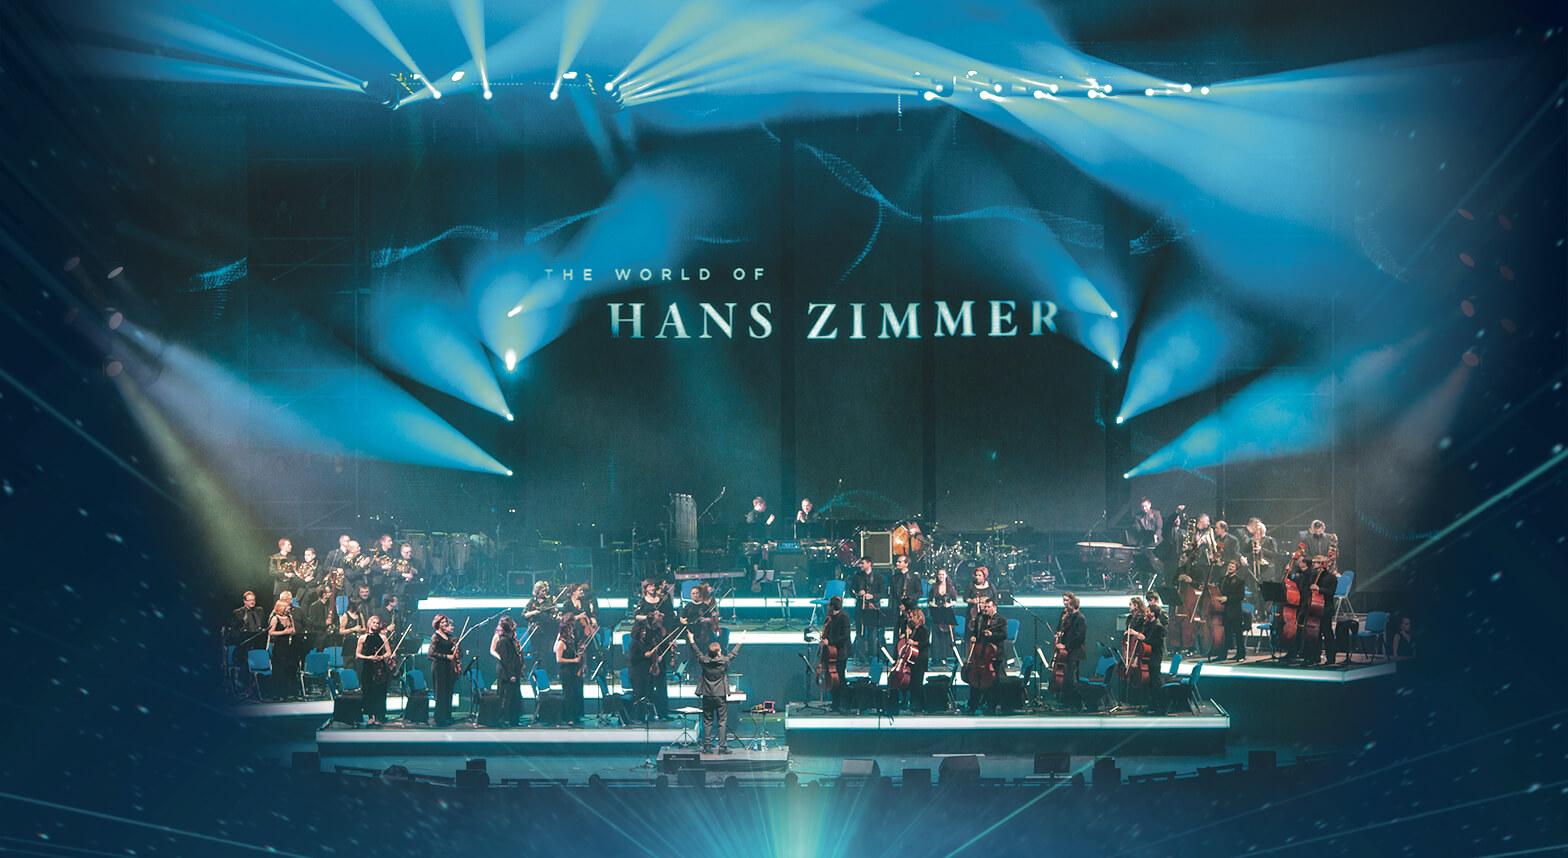 hanz-zimmer-arenas.jpg